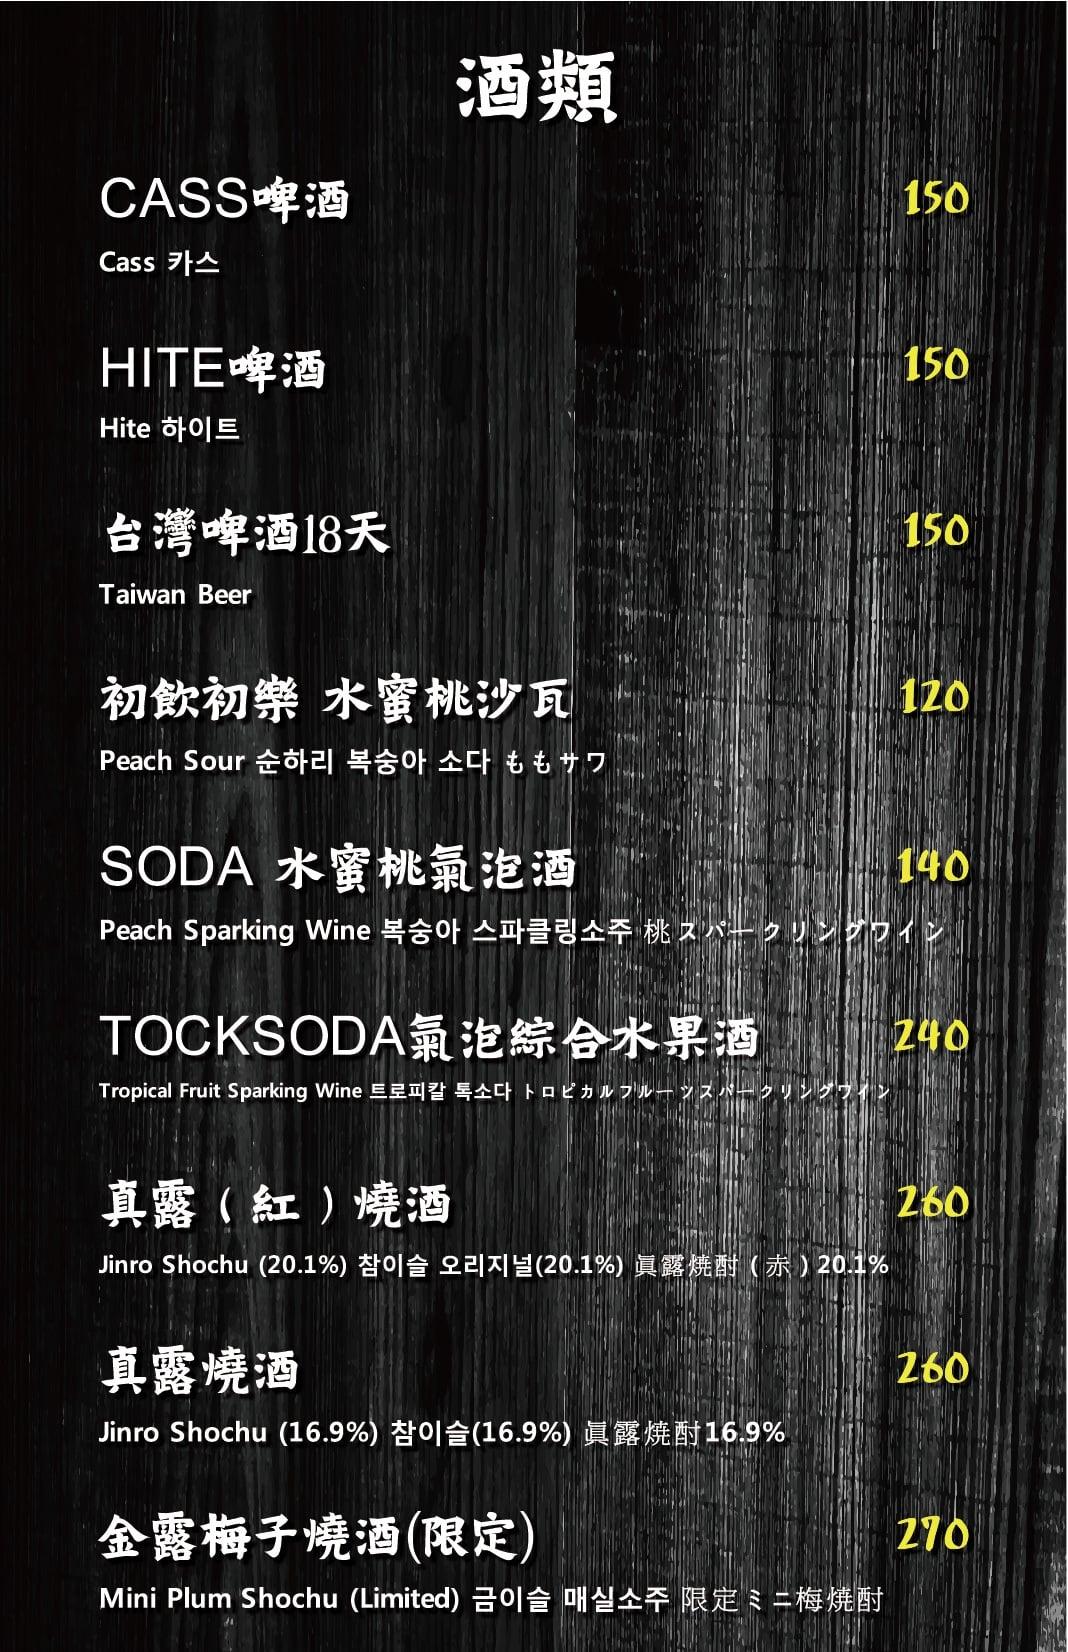 [台北美食]找含意韓式燒肉酒館/全程桌邊代烤餐點選擇豐富又好吃/當月壽星免費送燒酒摩天輪